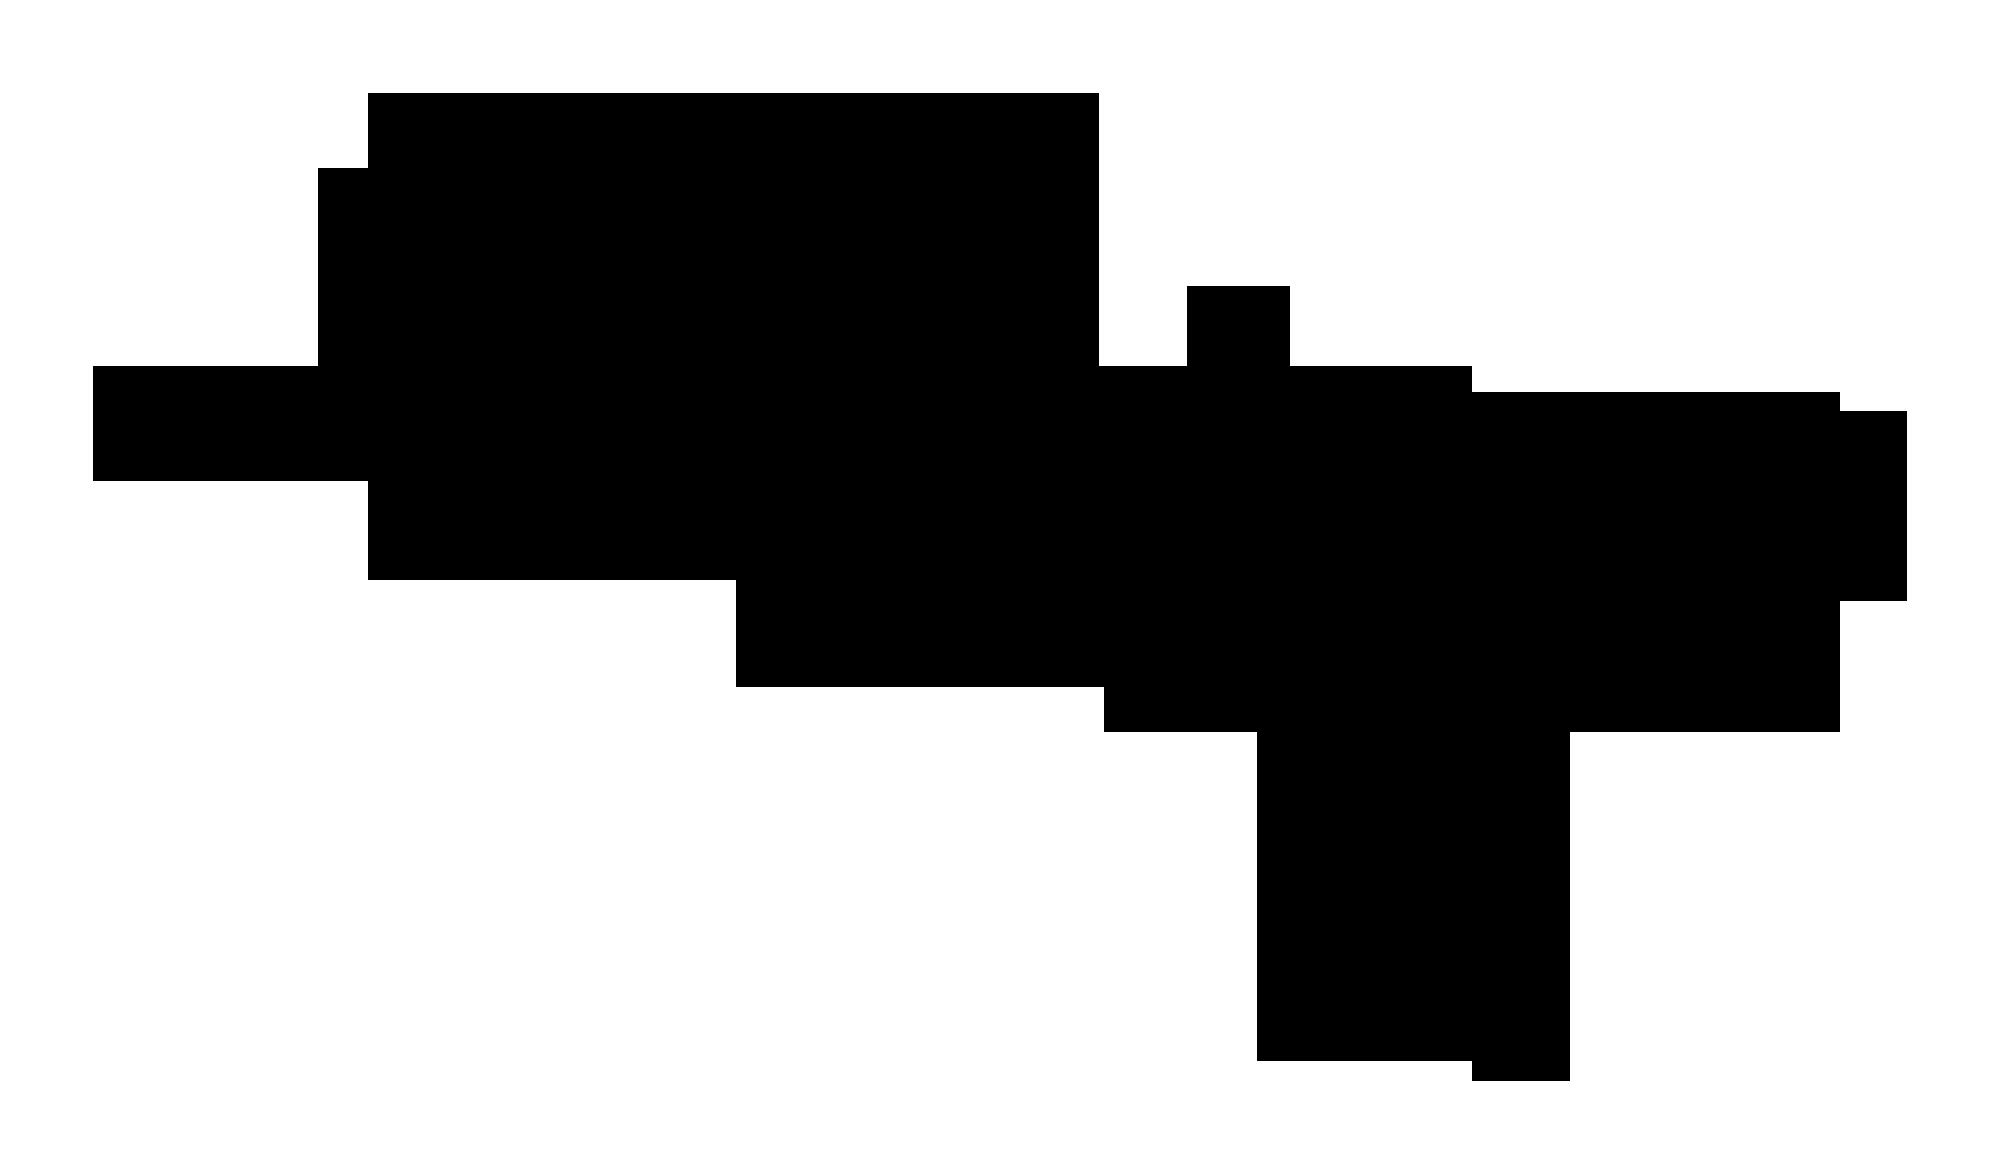 500 cefurox nebenwirkungen basics mg Beipackzettel von